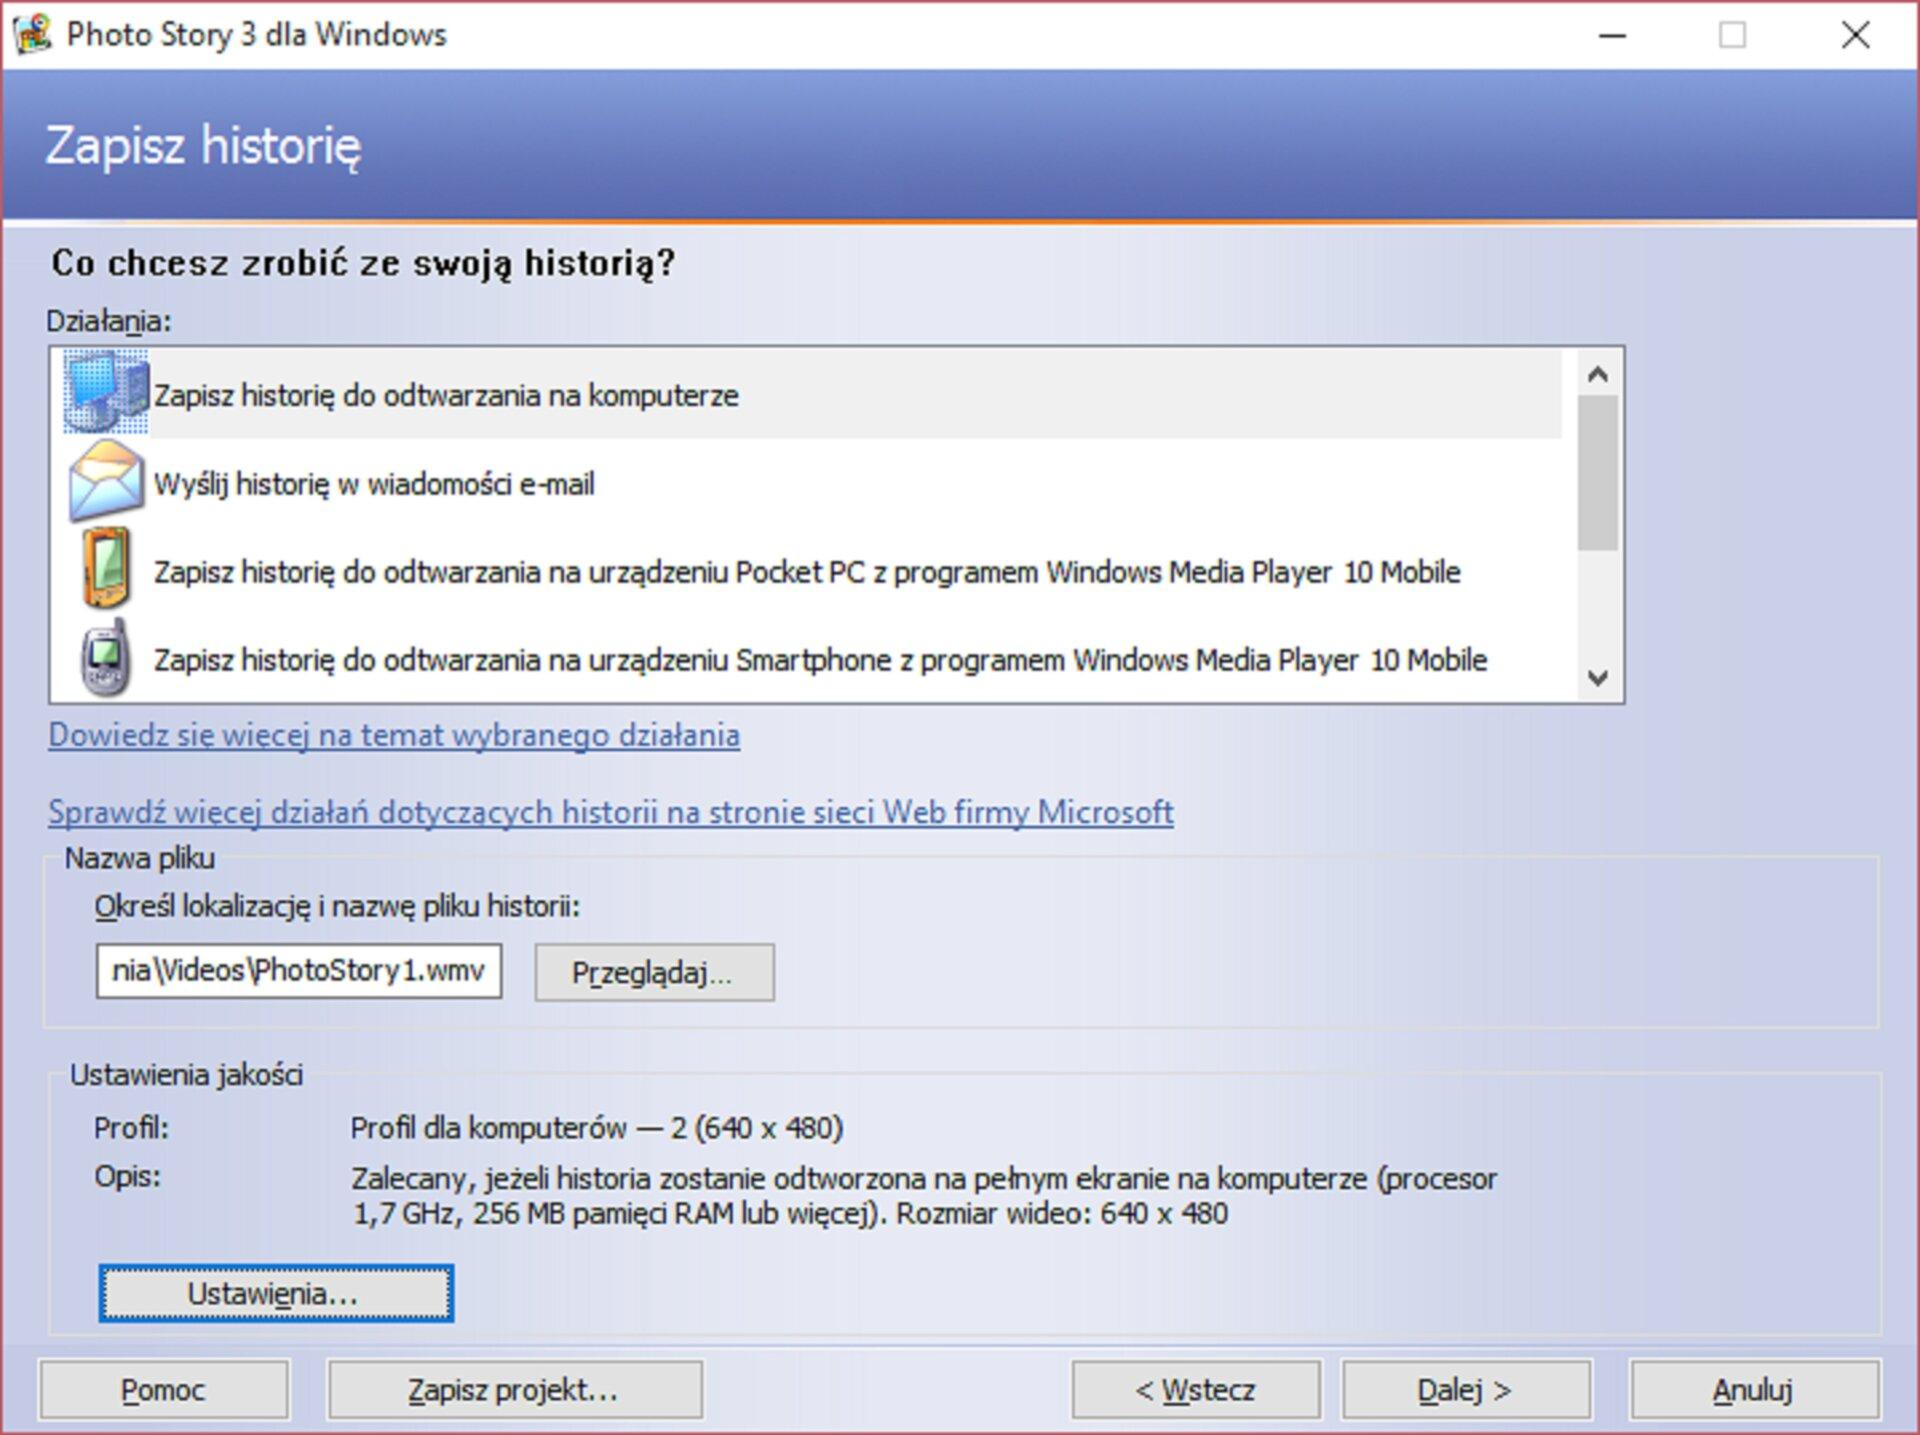 Zrzut okna: Zapisz historię wprogramie Photo Story 3 dla Windows